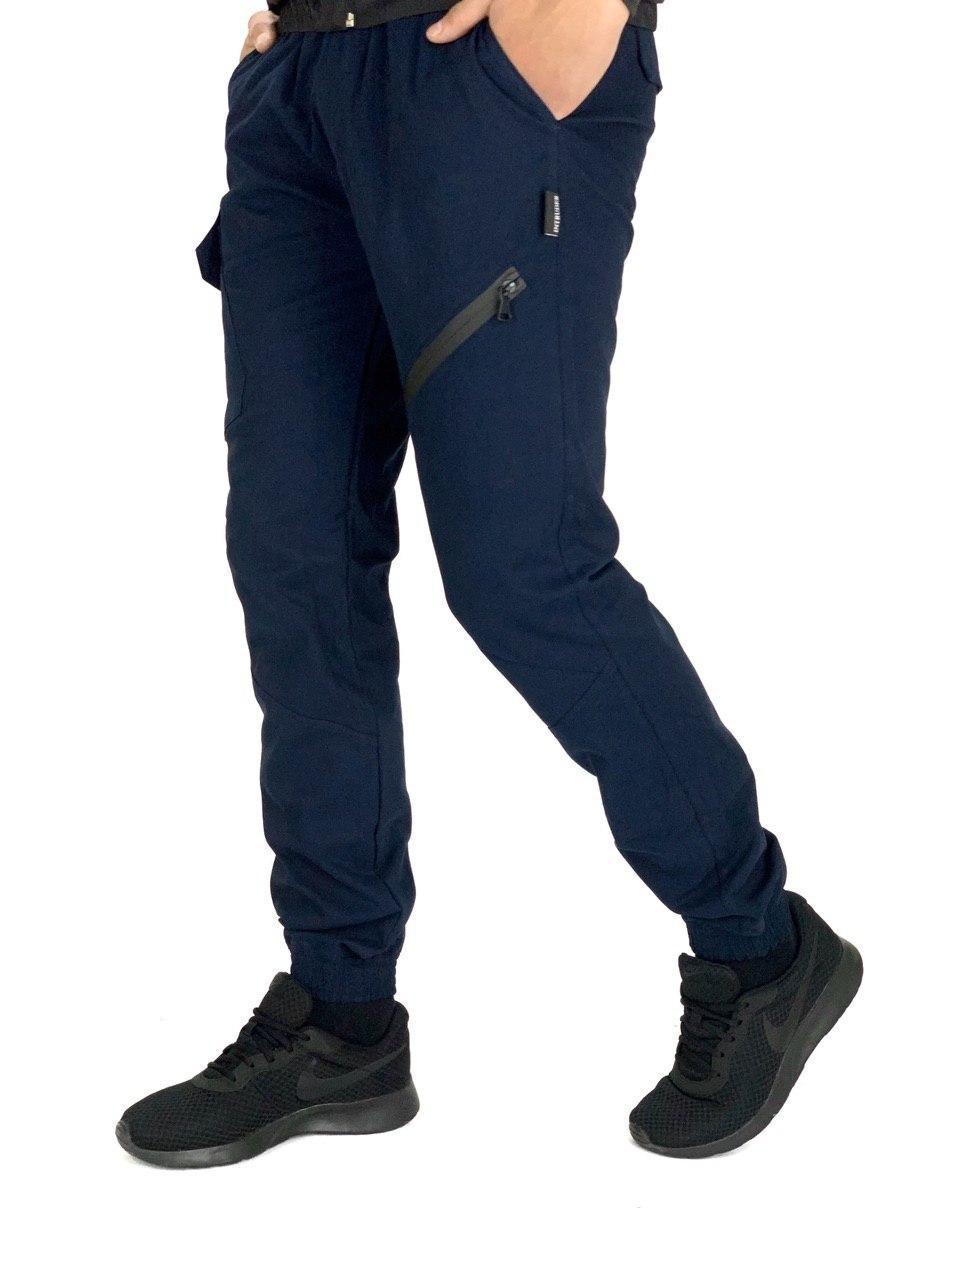 Мужские штаны Intruder Fast Traveller синие